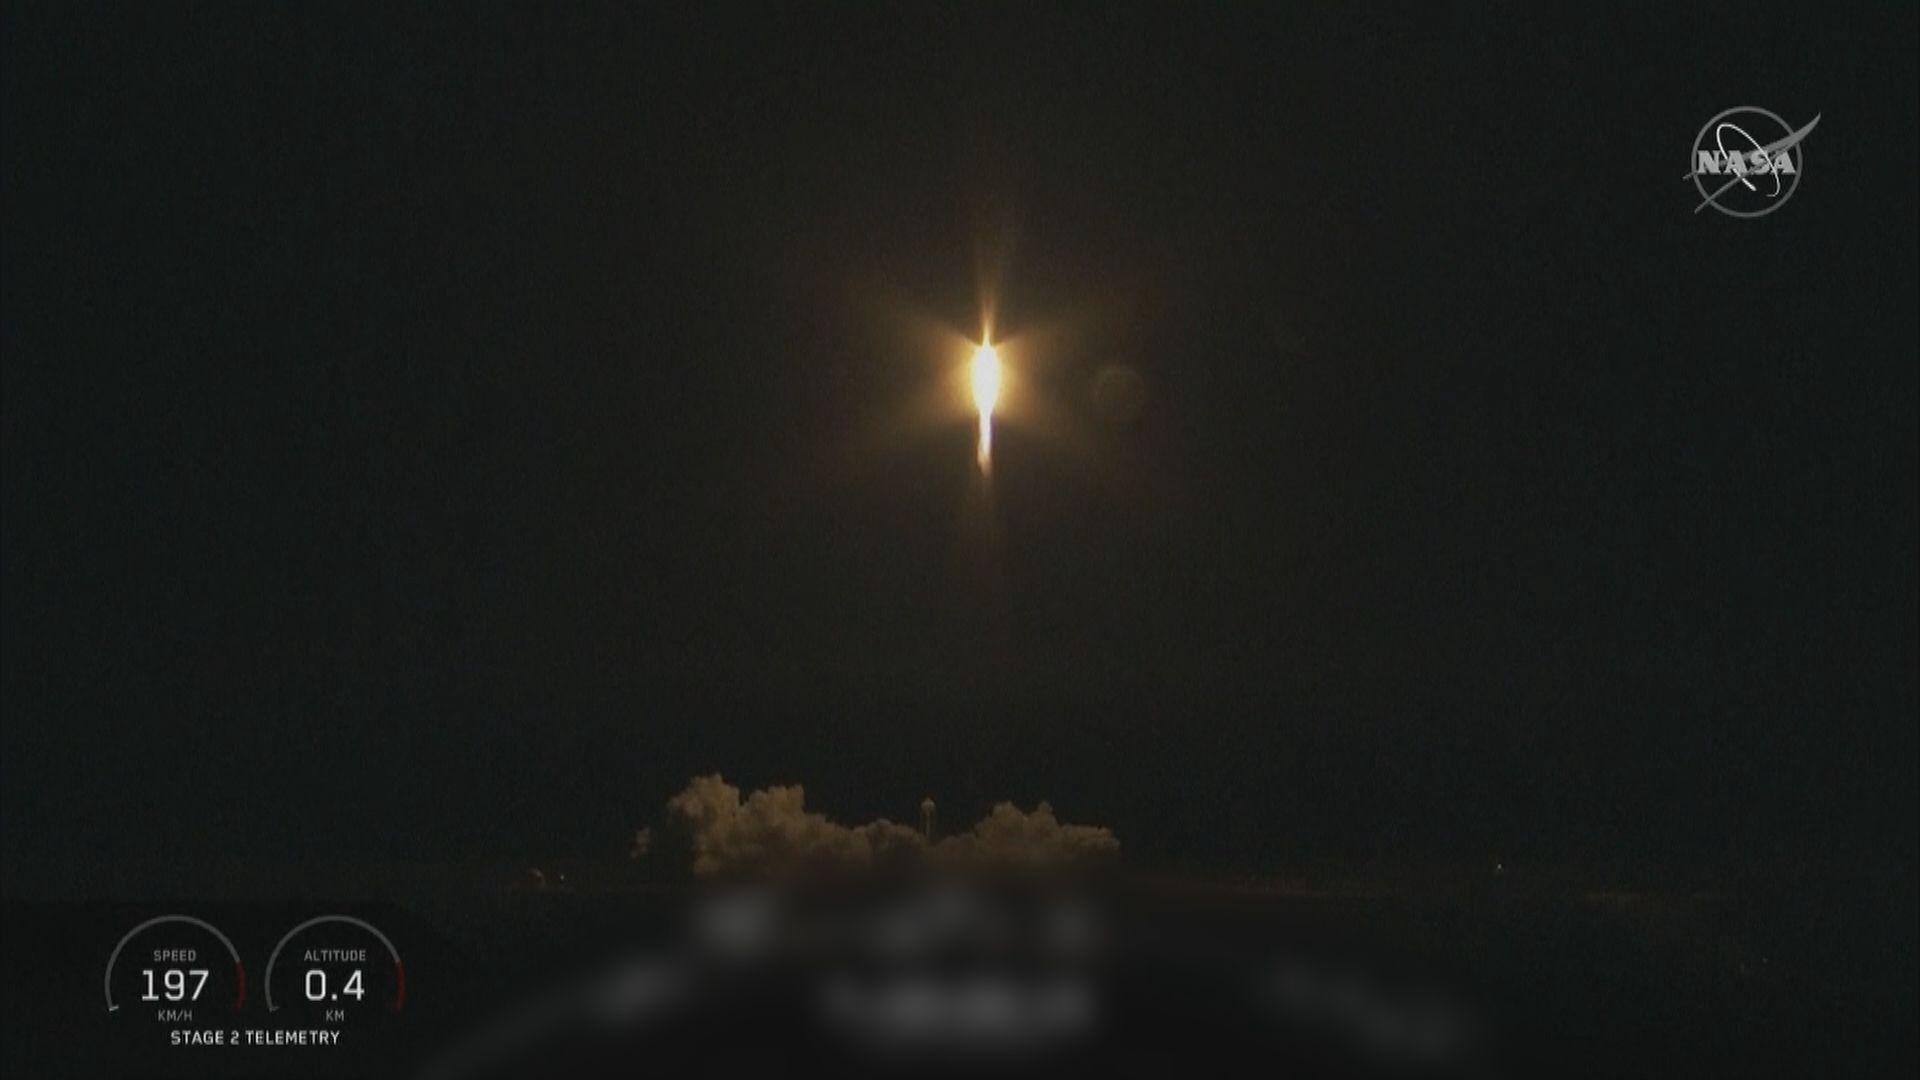 美國載人太空船測試發射升空